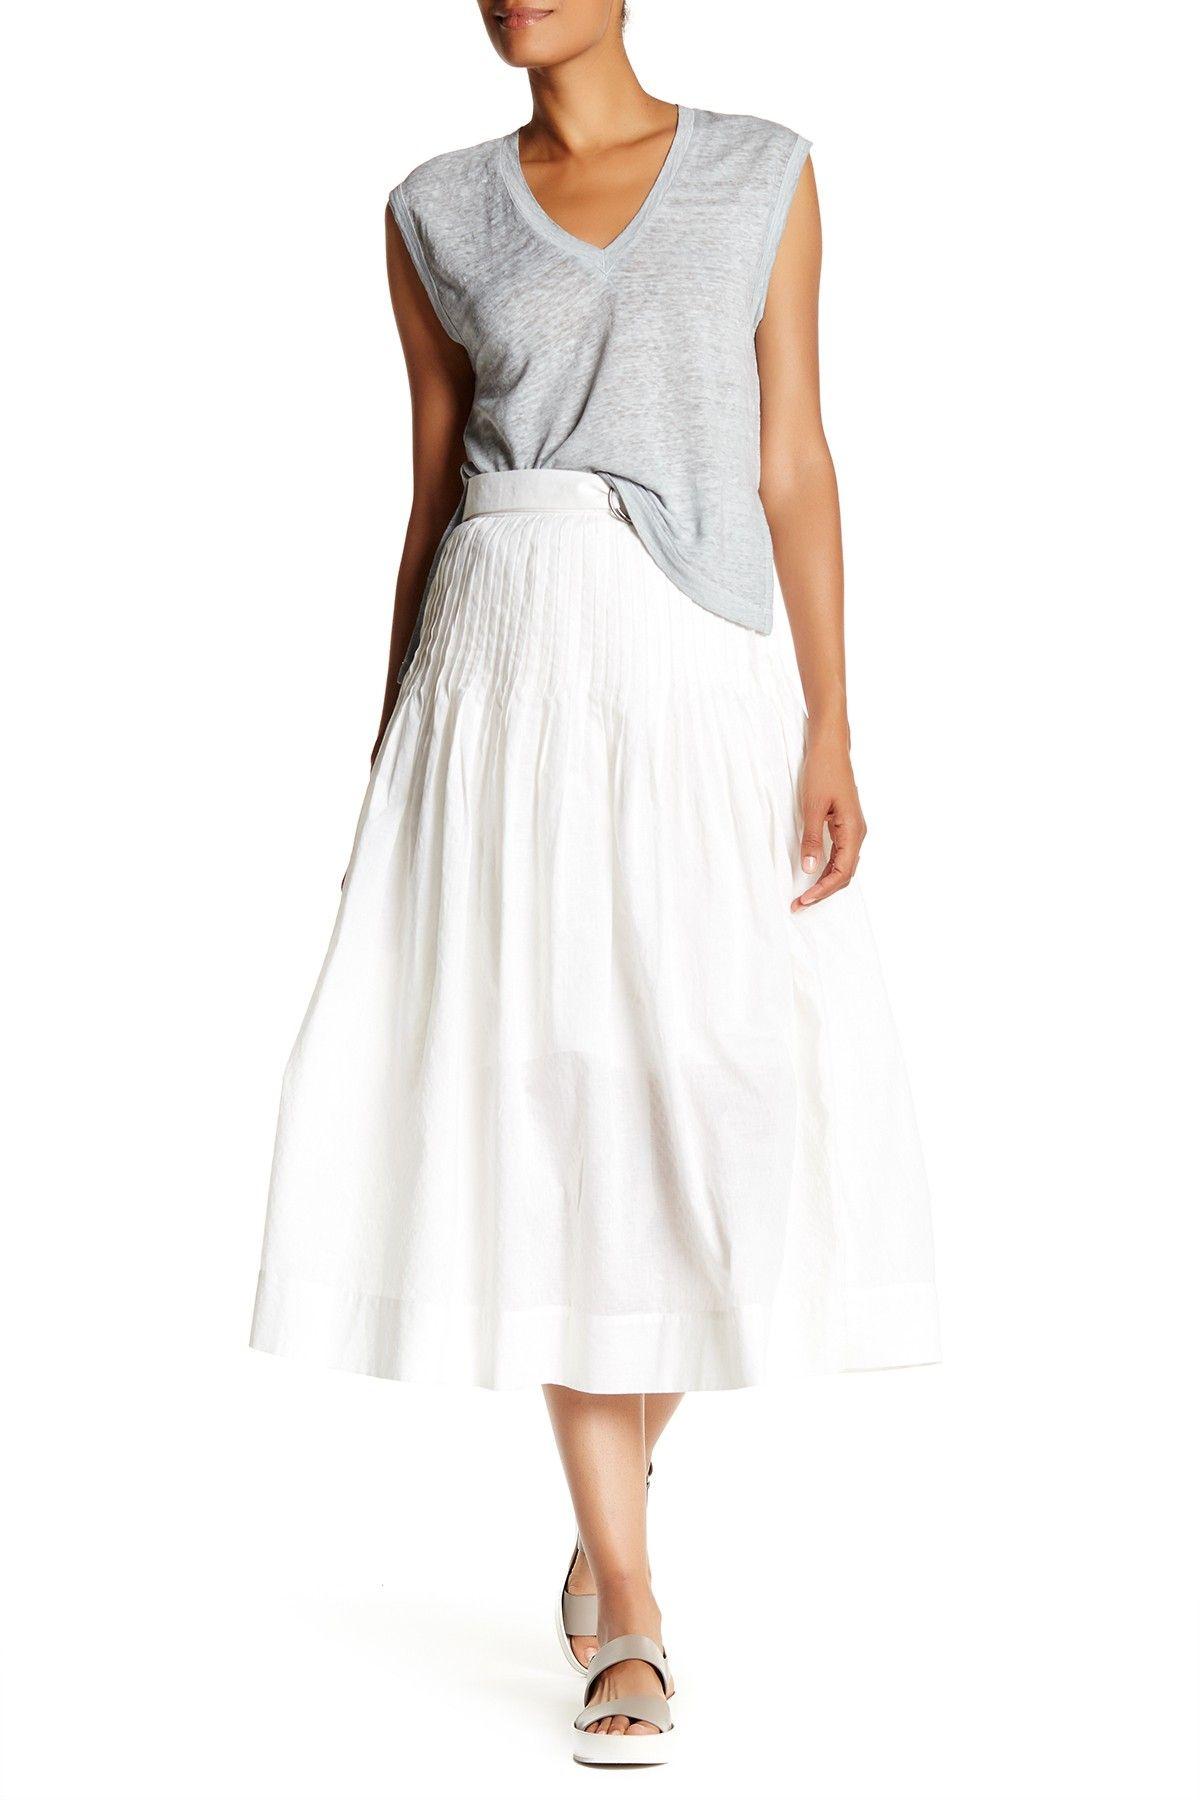 Sierra Maxi Skirt